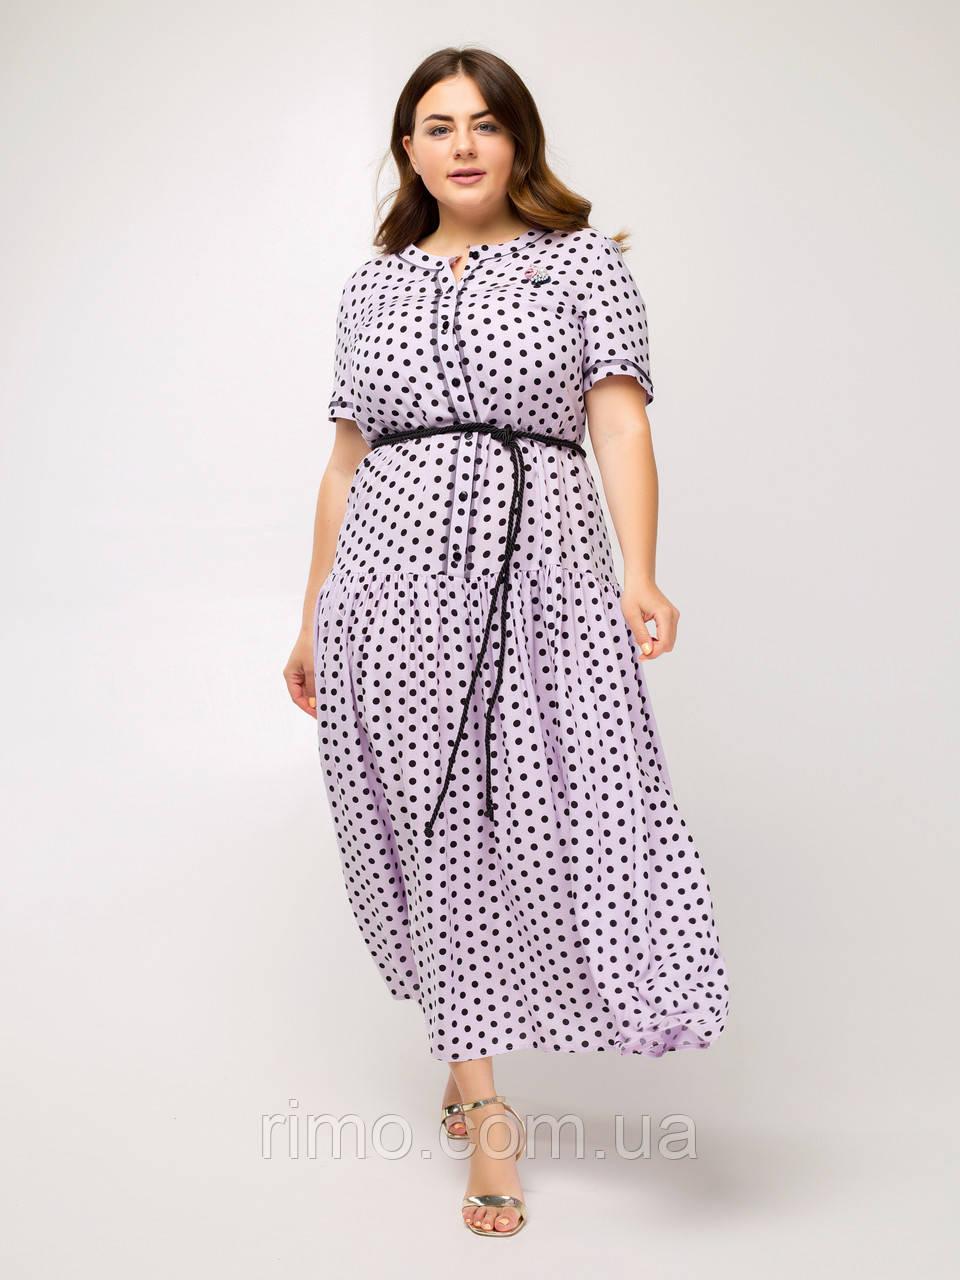 Плаття літнє великого розміру Маниста